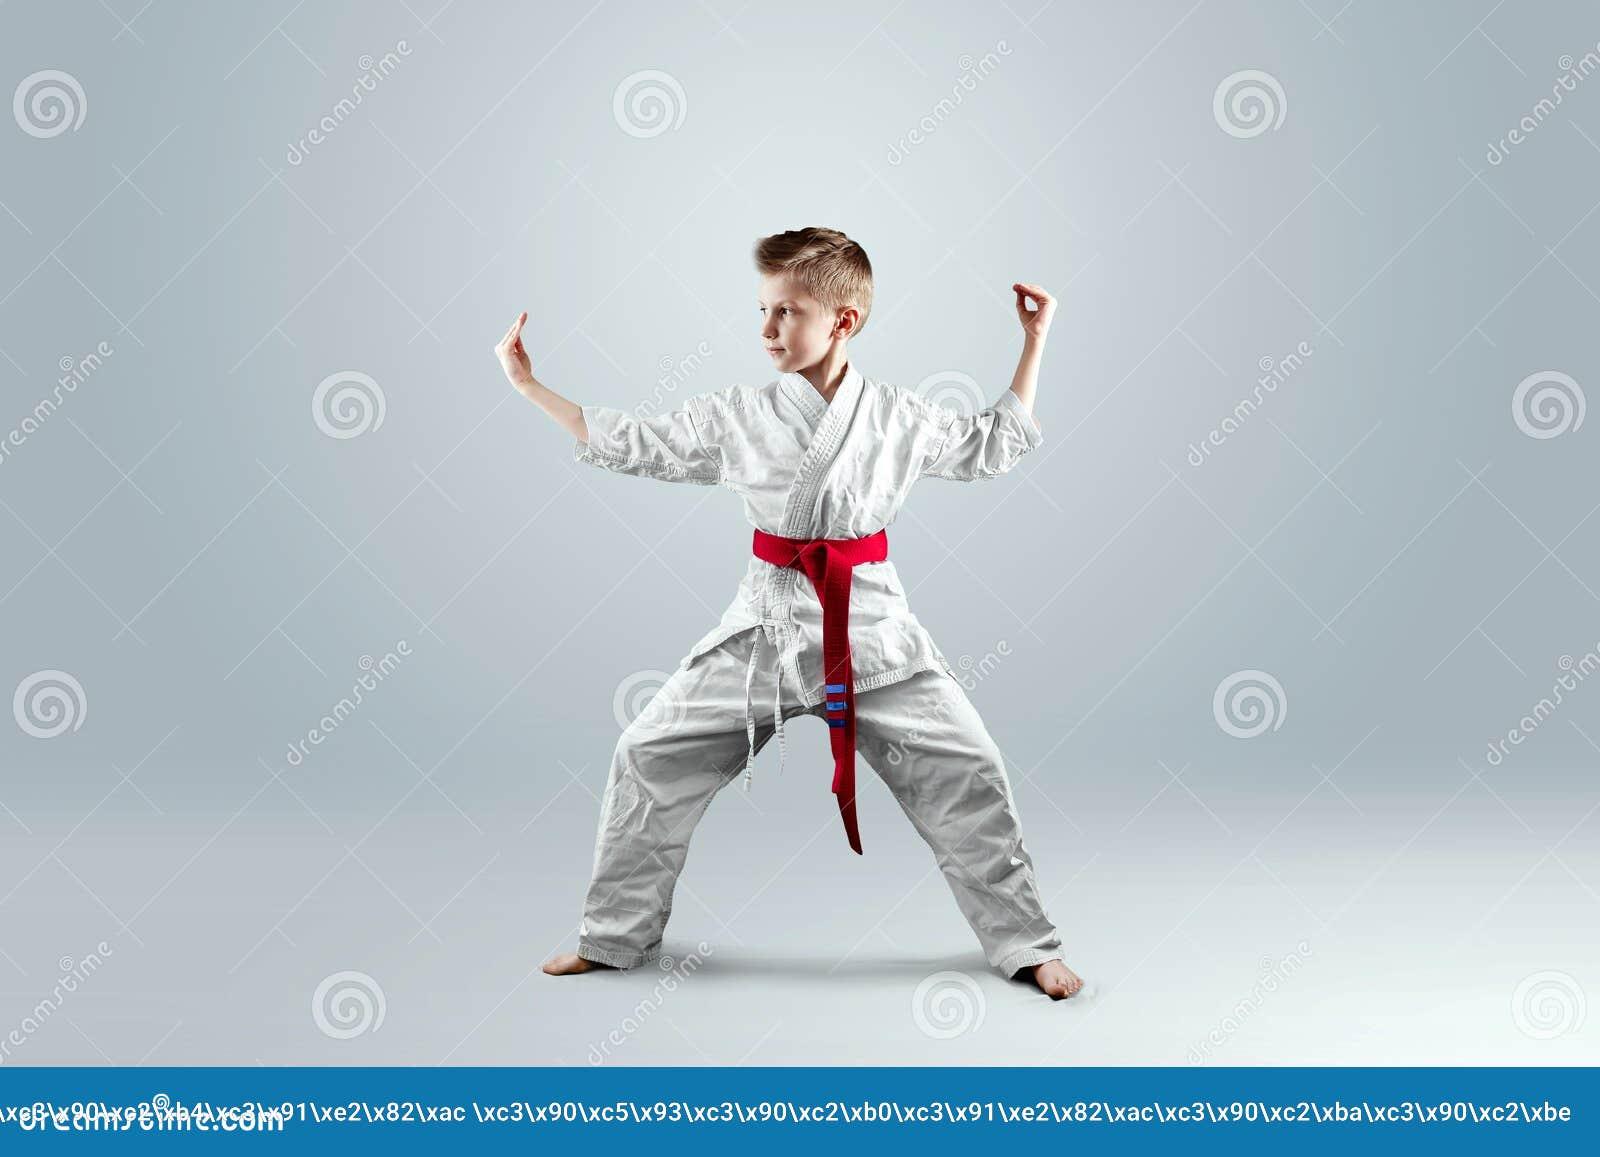 Creatieve achtergrond een kind in een witte kimono in een het vechten houding, op een lichte achtergrond het concept vechtsporten